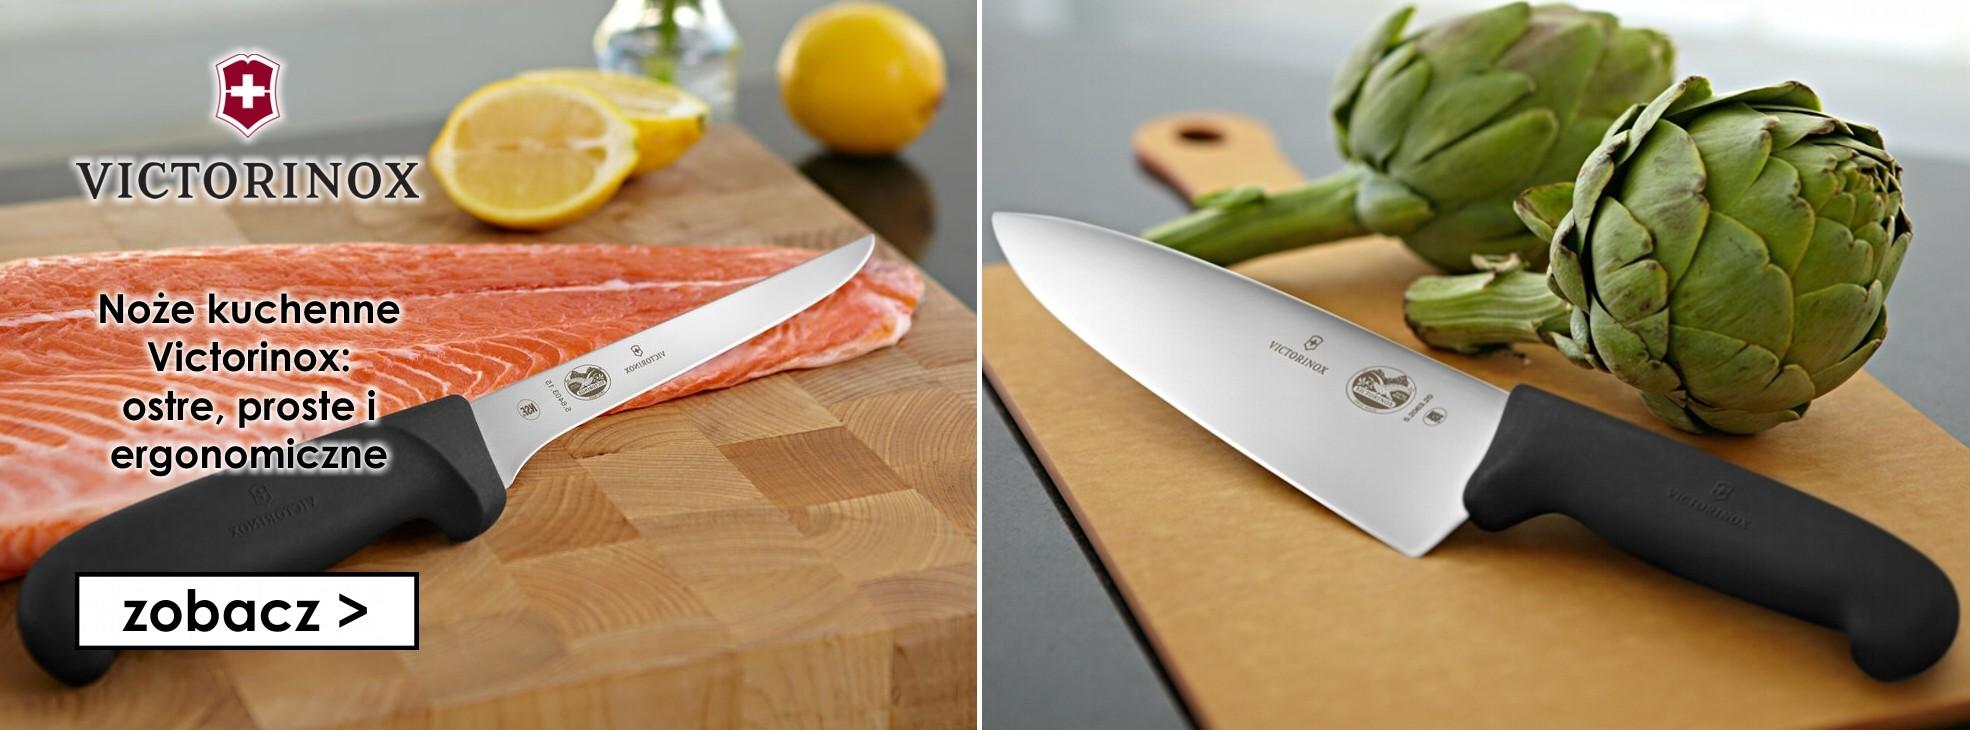 Nowa marka noże szwajcarskie Victorinox